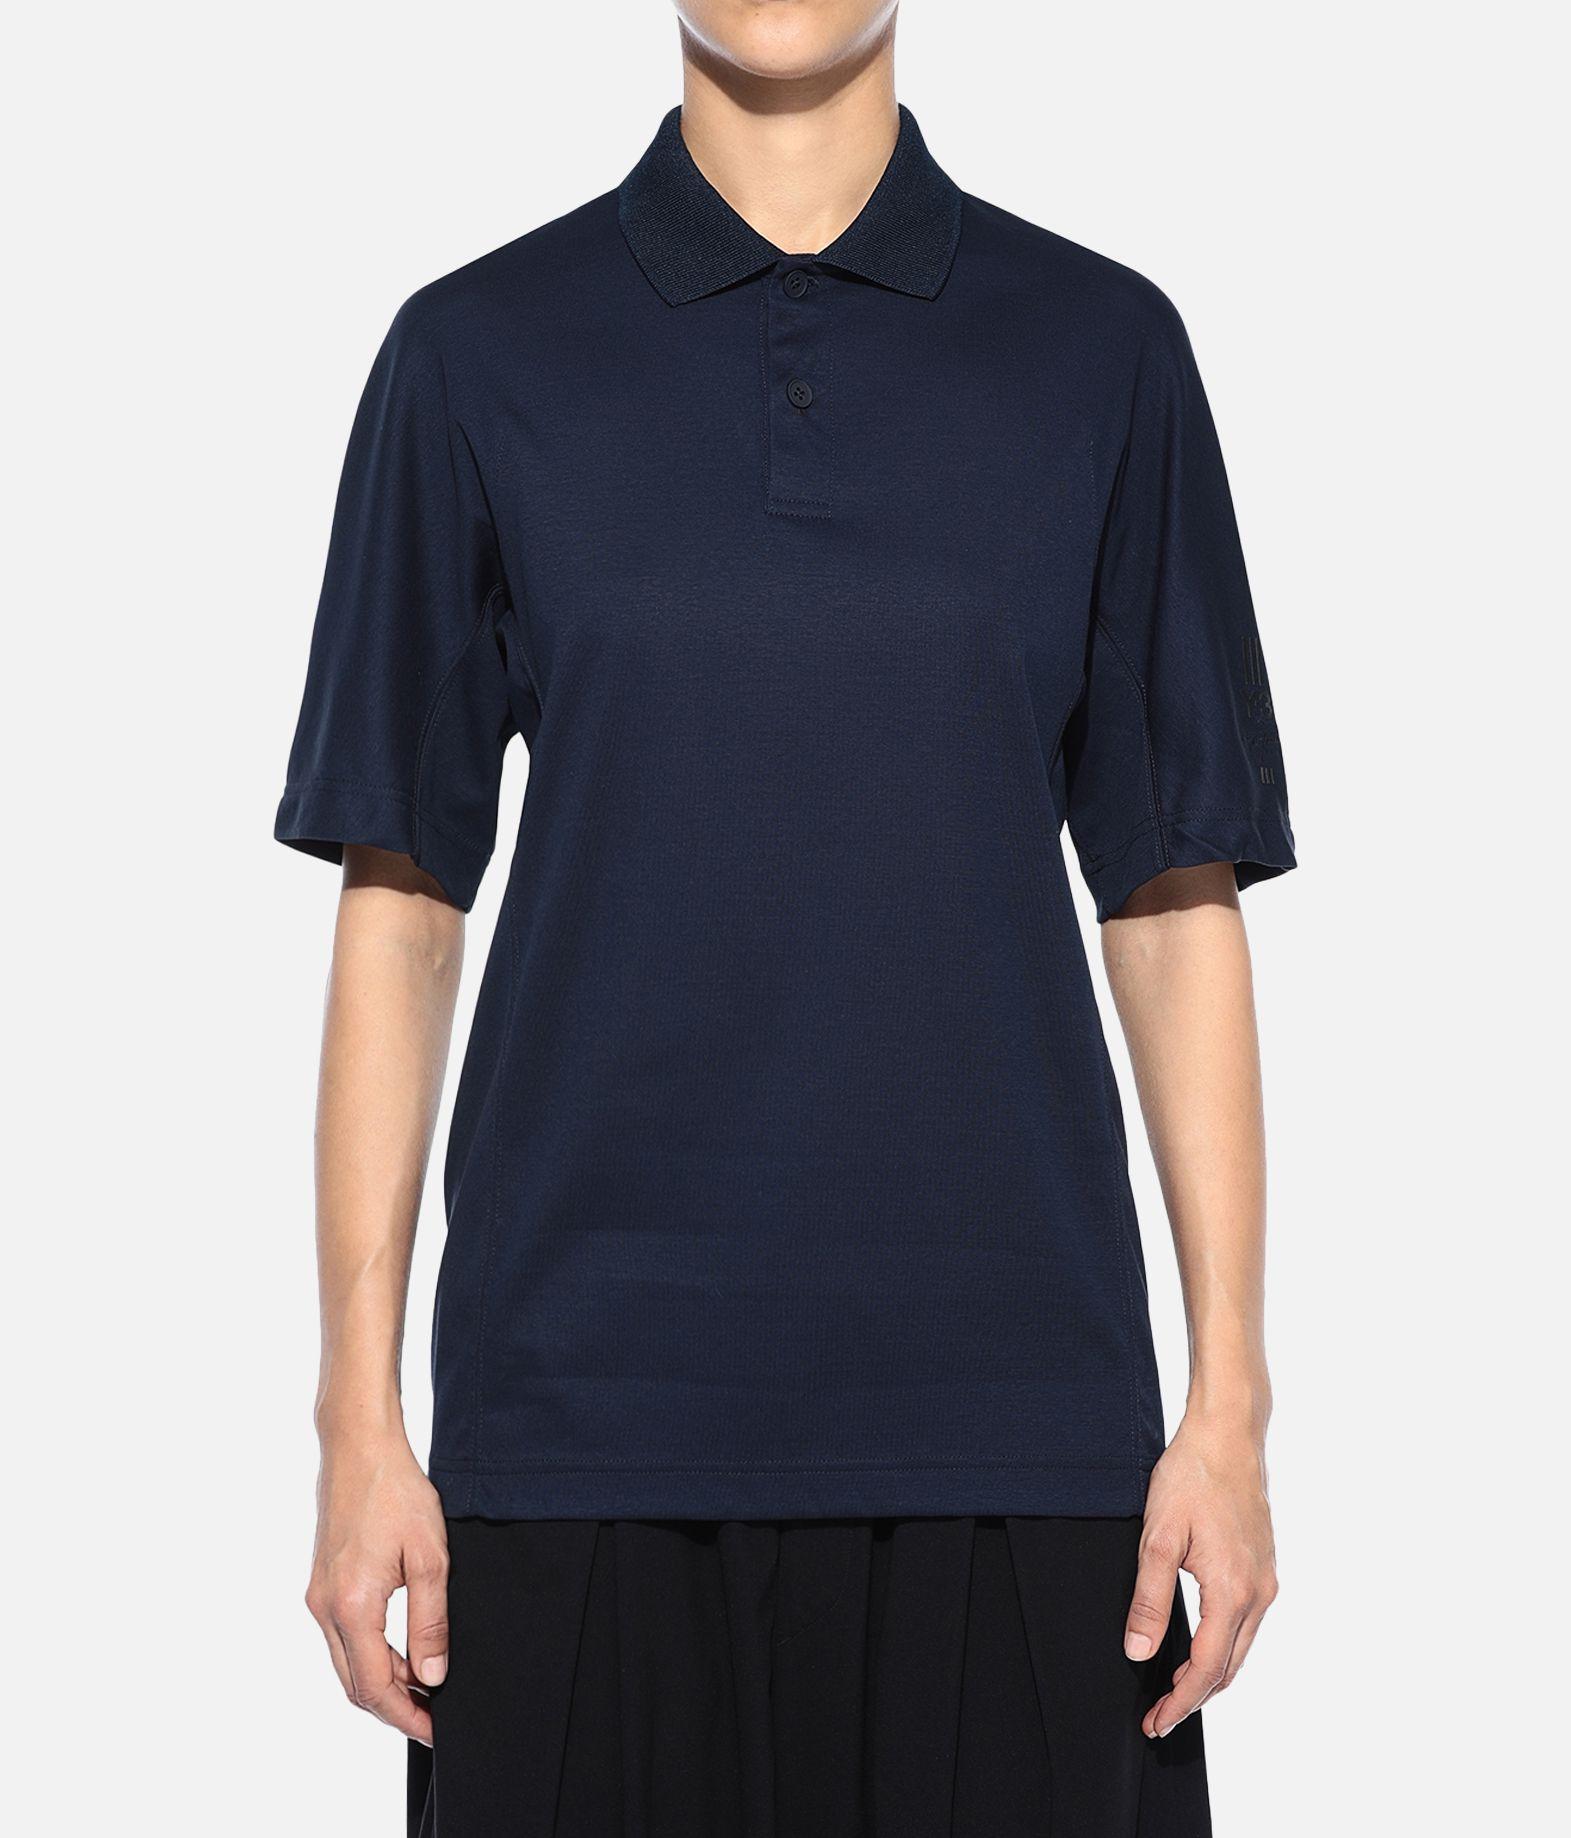 Y-3 Y-3 New Classic Polo Shirt  Поло Для Женщин r